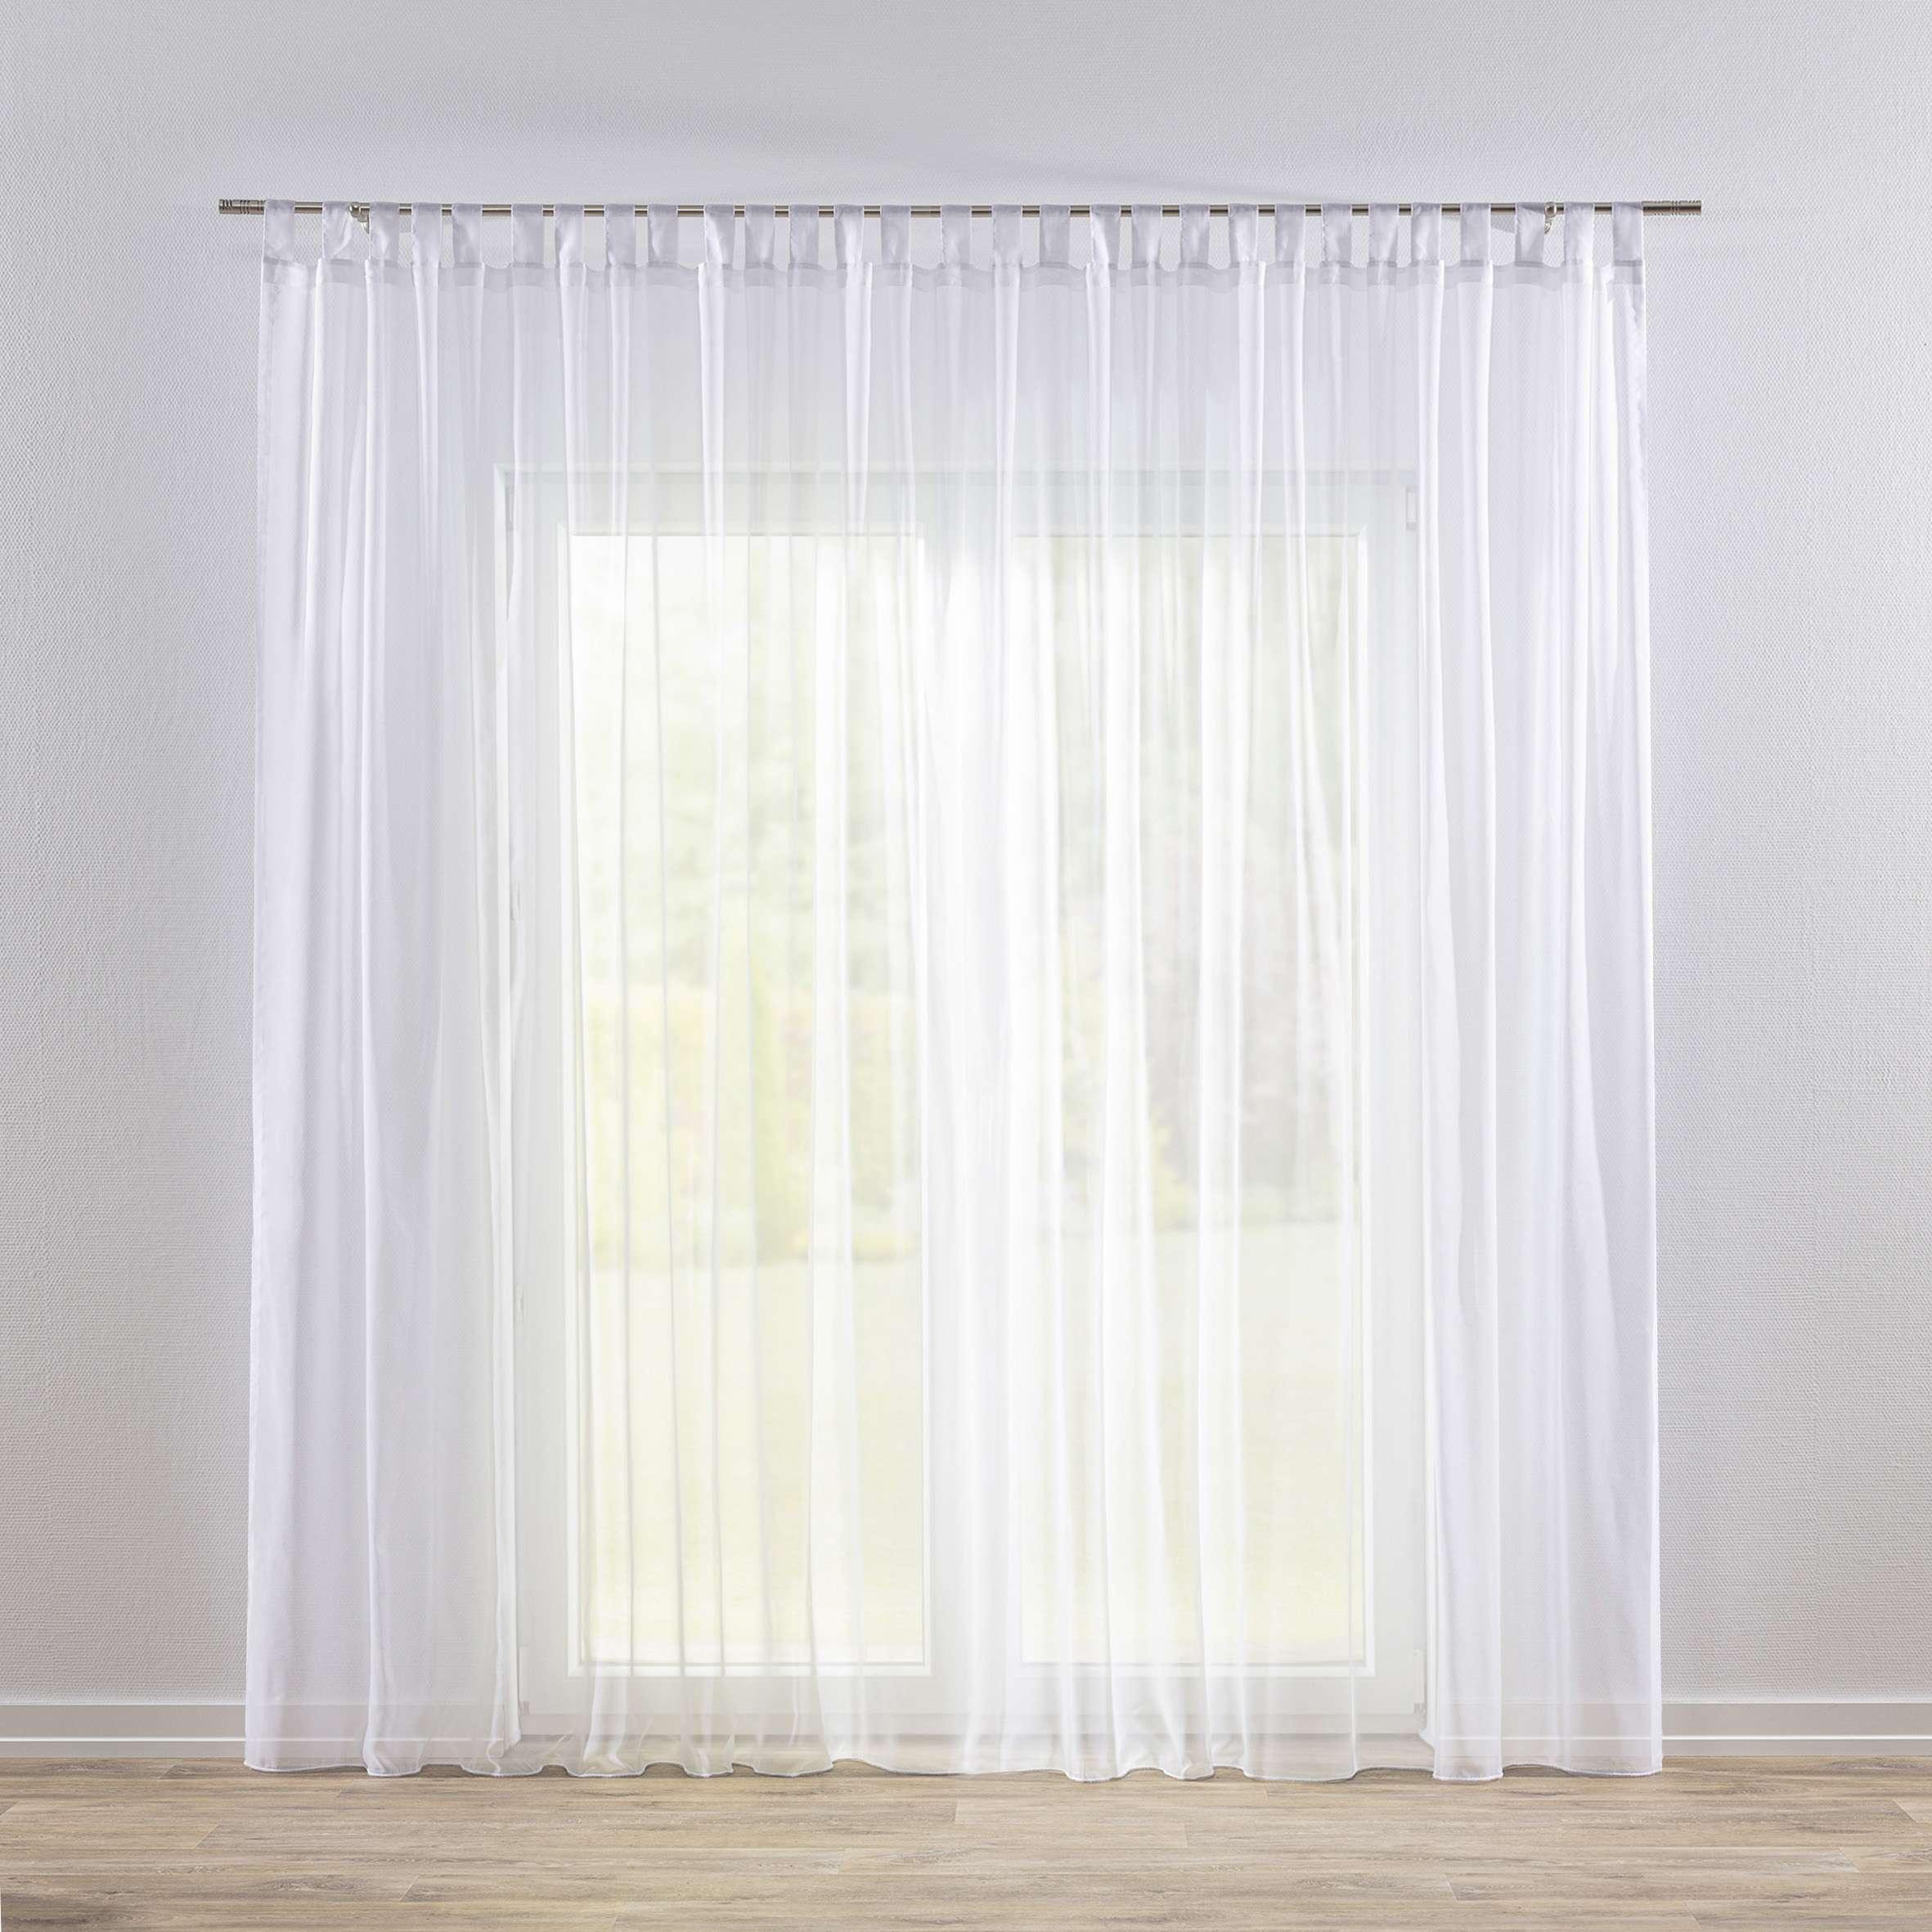 gardine mit schlaufen weiss dekoria. Black Bedroom Furniture Sets. Home Design Ideas